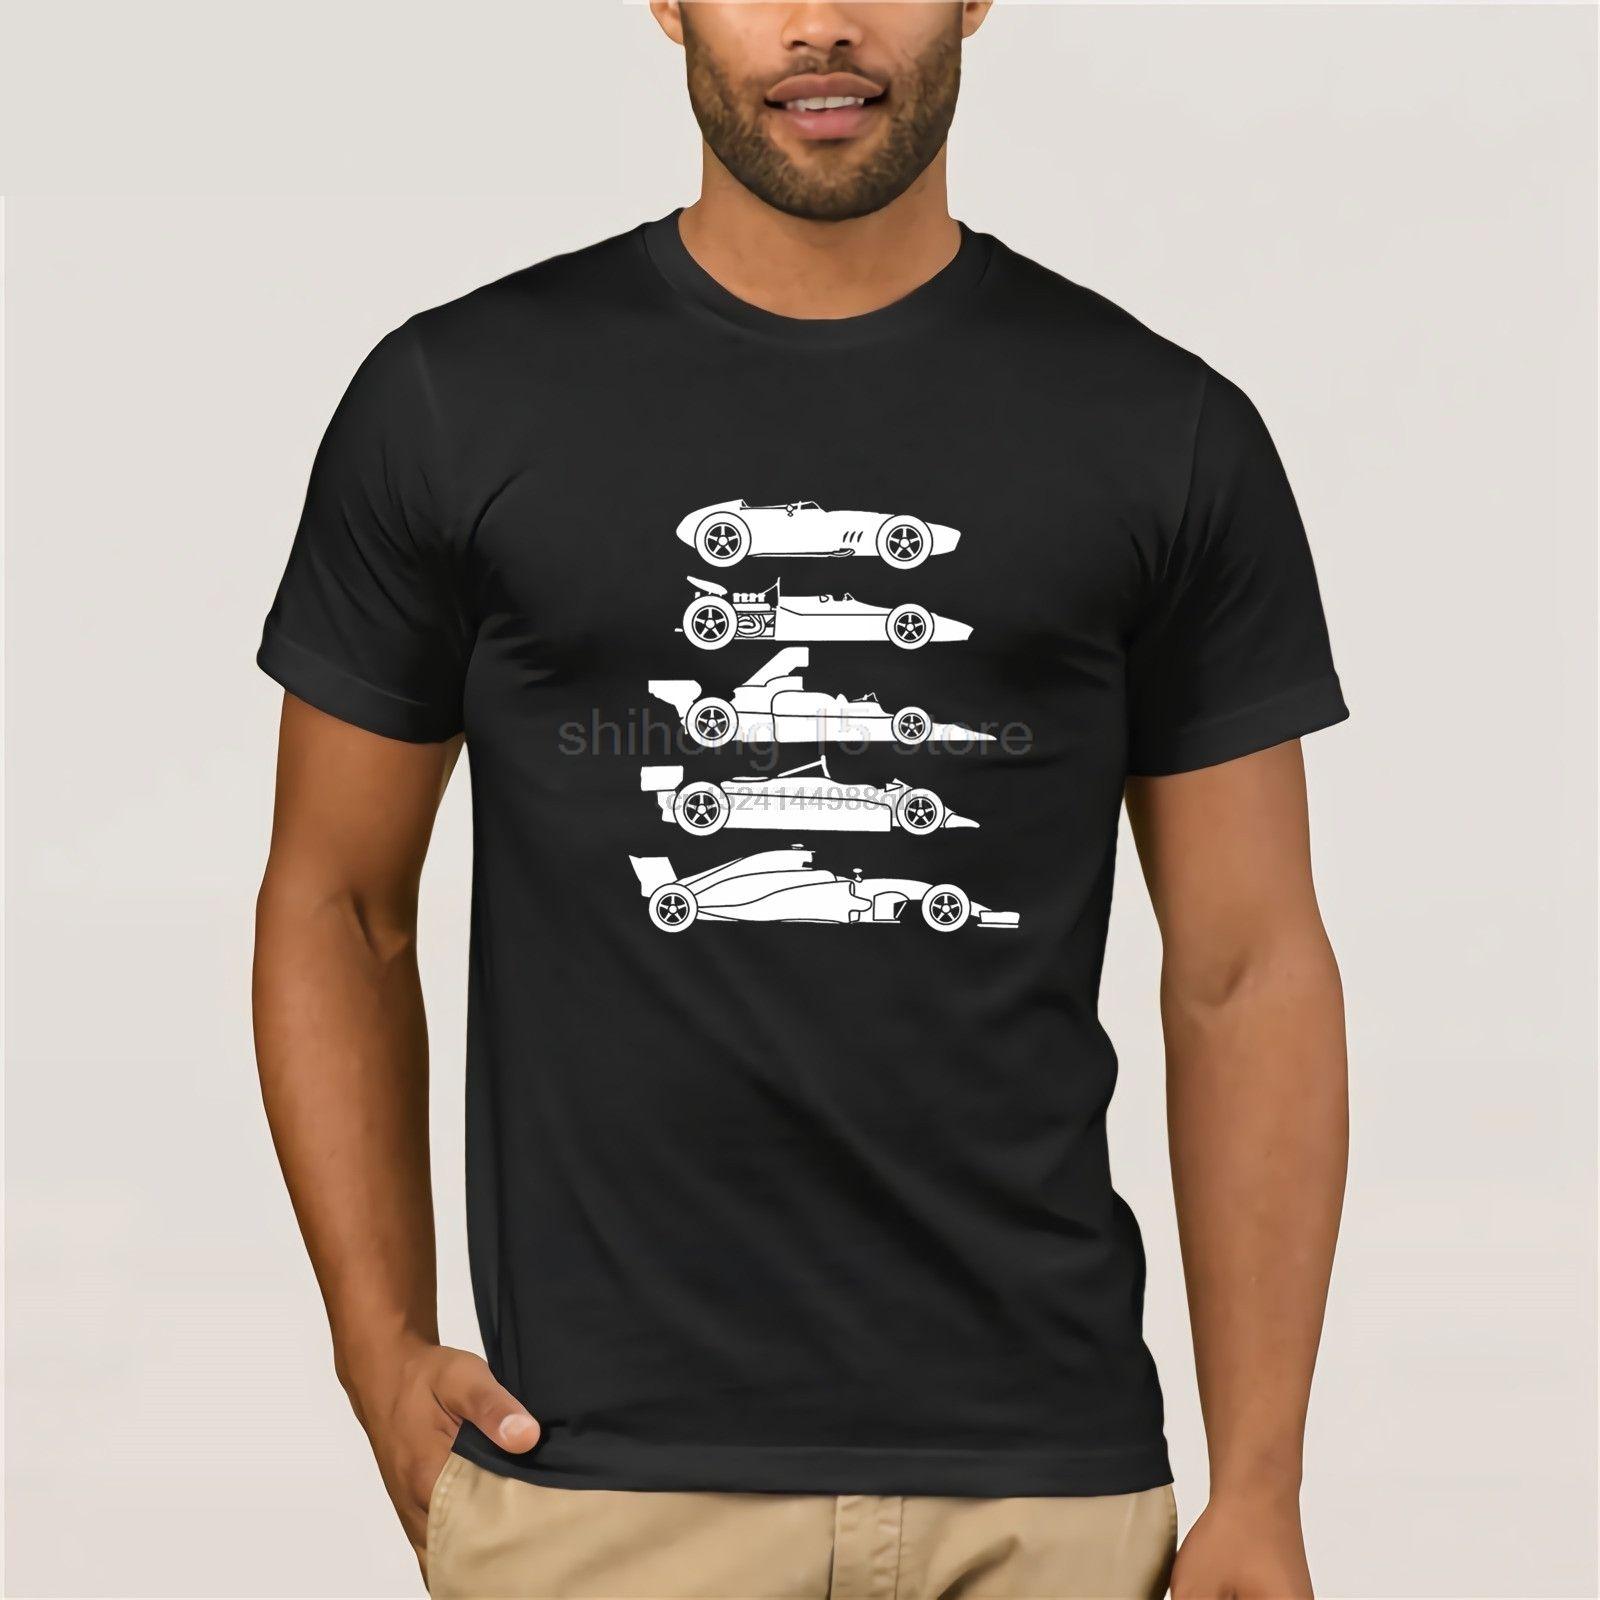 Evolution Hommes de la formule F 1 voiture Un T-shirt S-XXXL Nouveau T-shirts drôle Tops T New Tops drôles unisexe